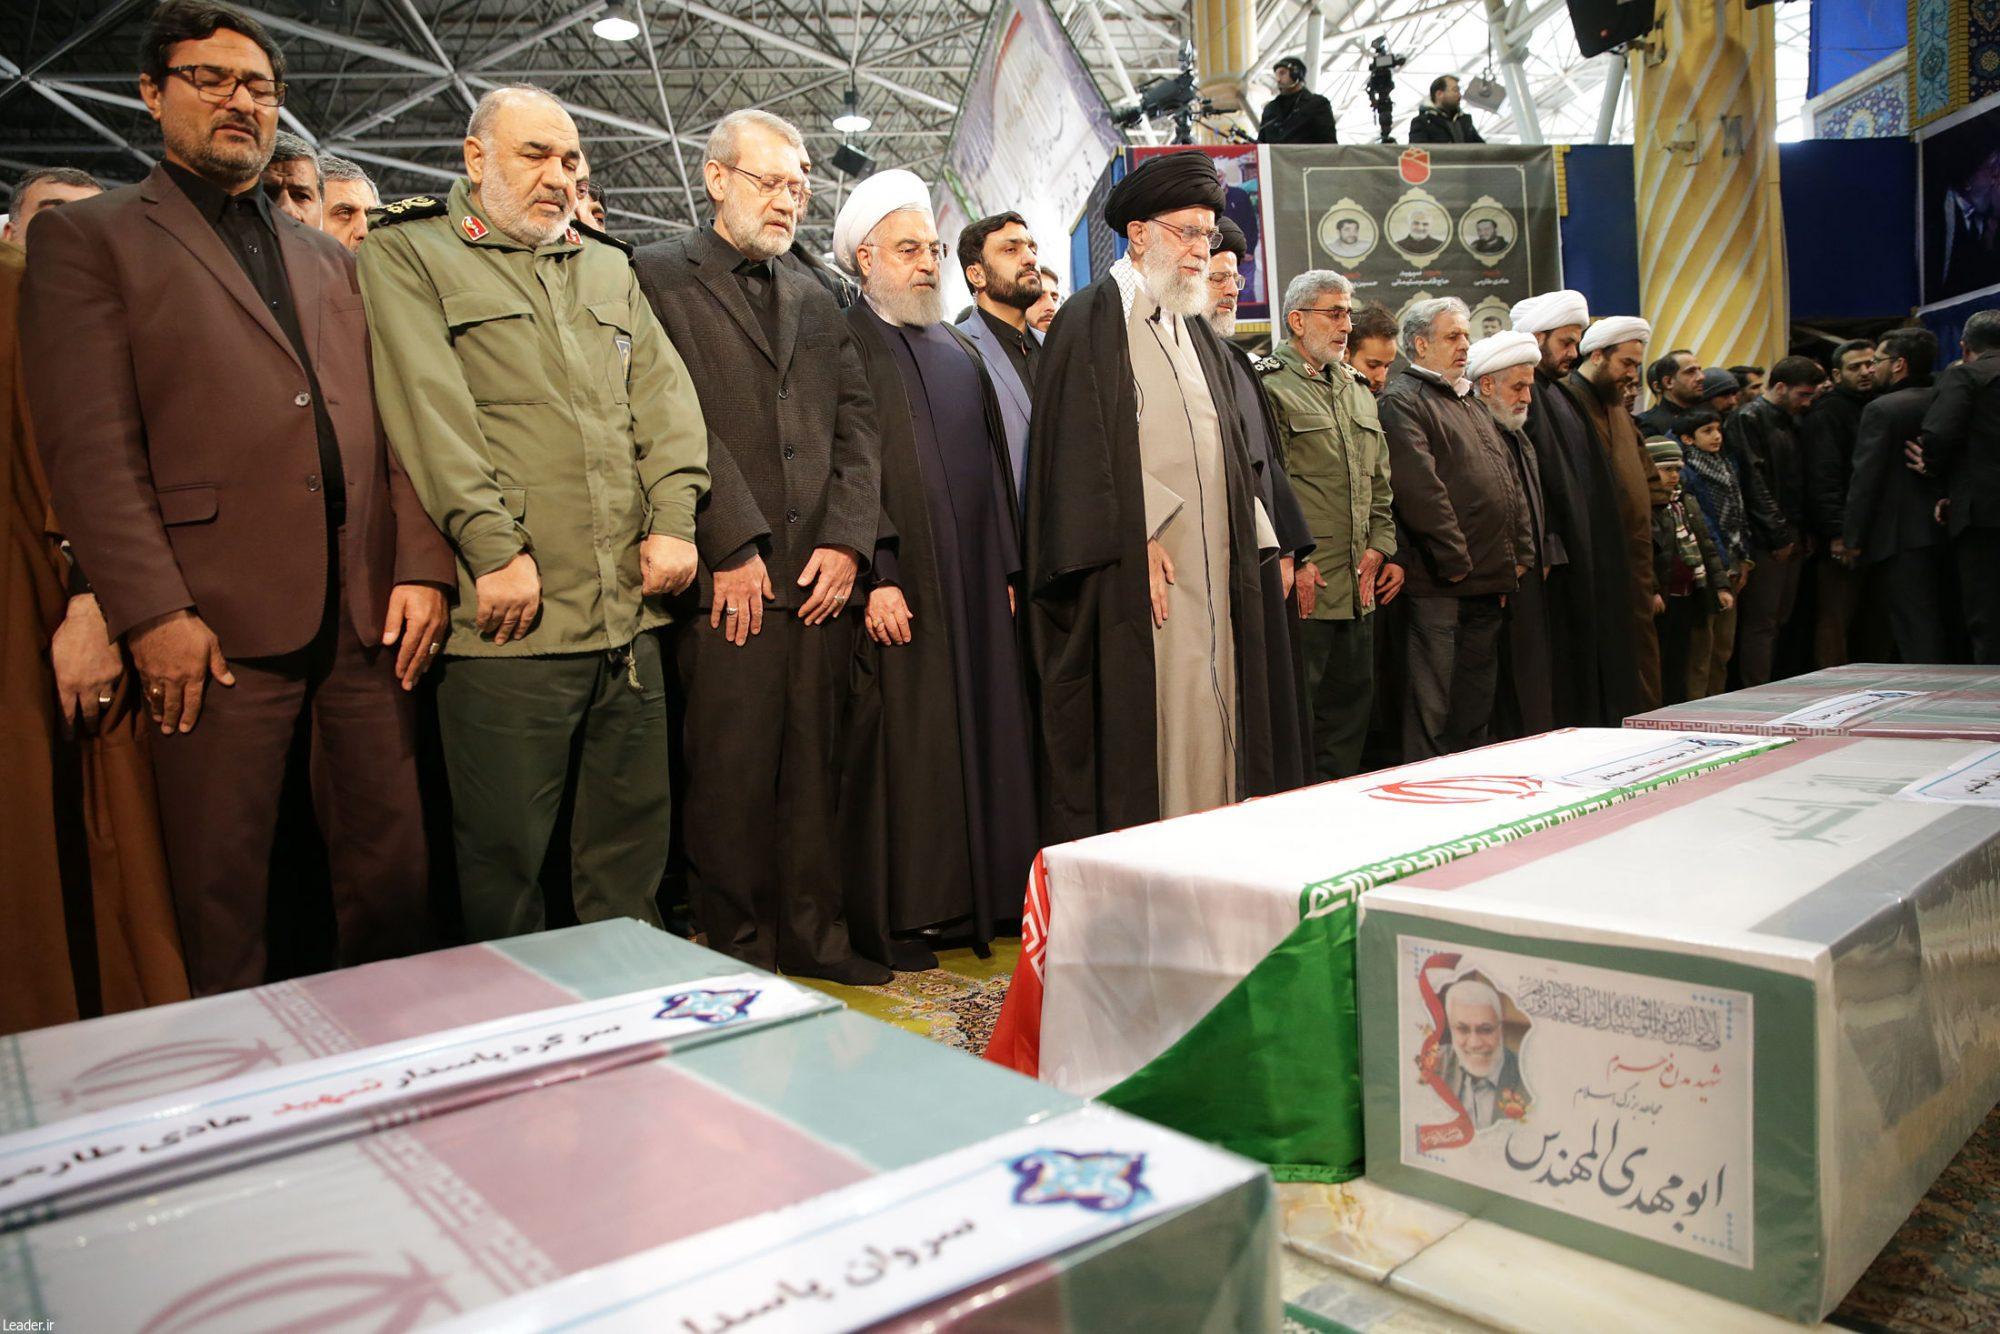 اقامه نماز بر پیکر شهید سپهبد سلیمانی توسط رهبر انقلاب